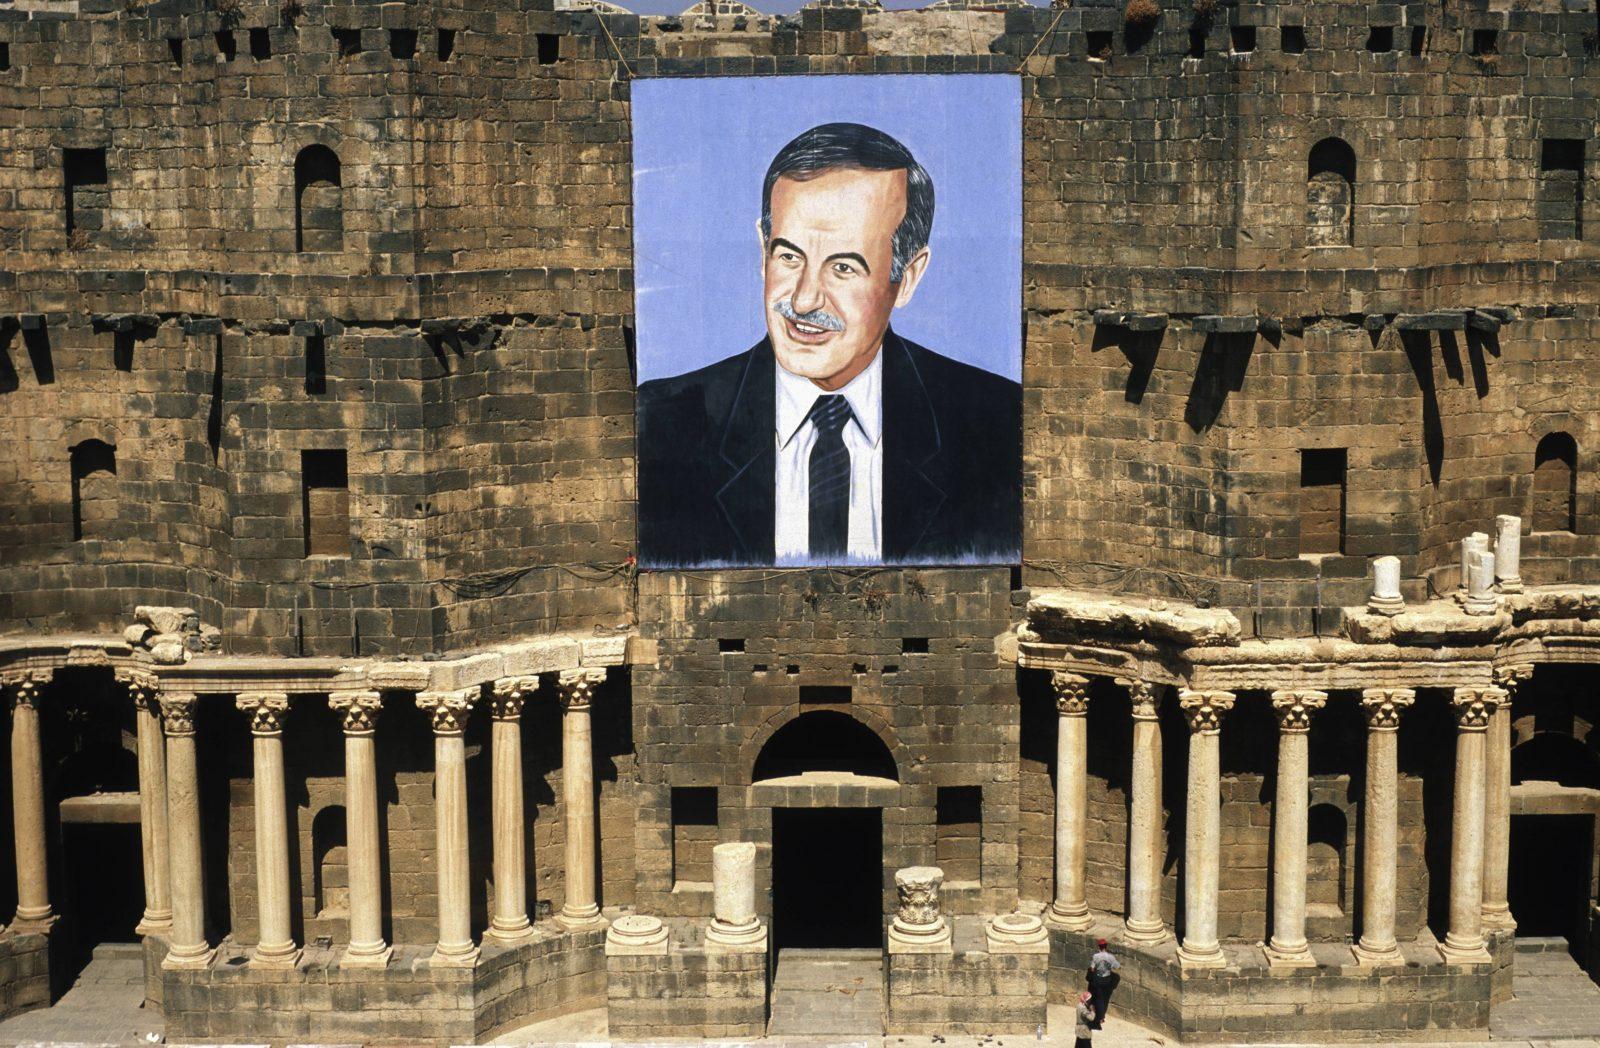 Ein überlebensgroßes Porträt des syrischen Diktators Hafiz al-Assad an einem römischen Thater im Süden Syriens.